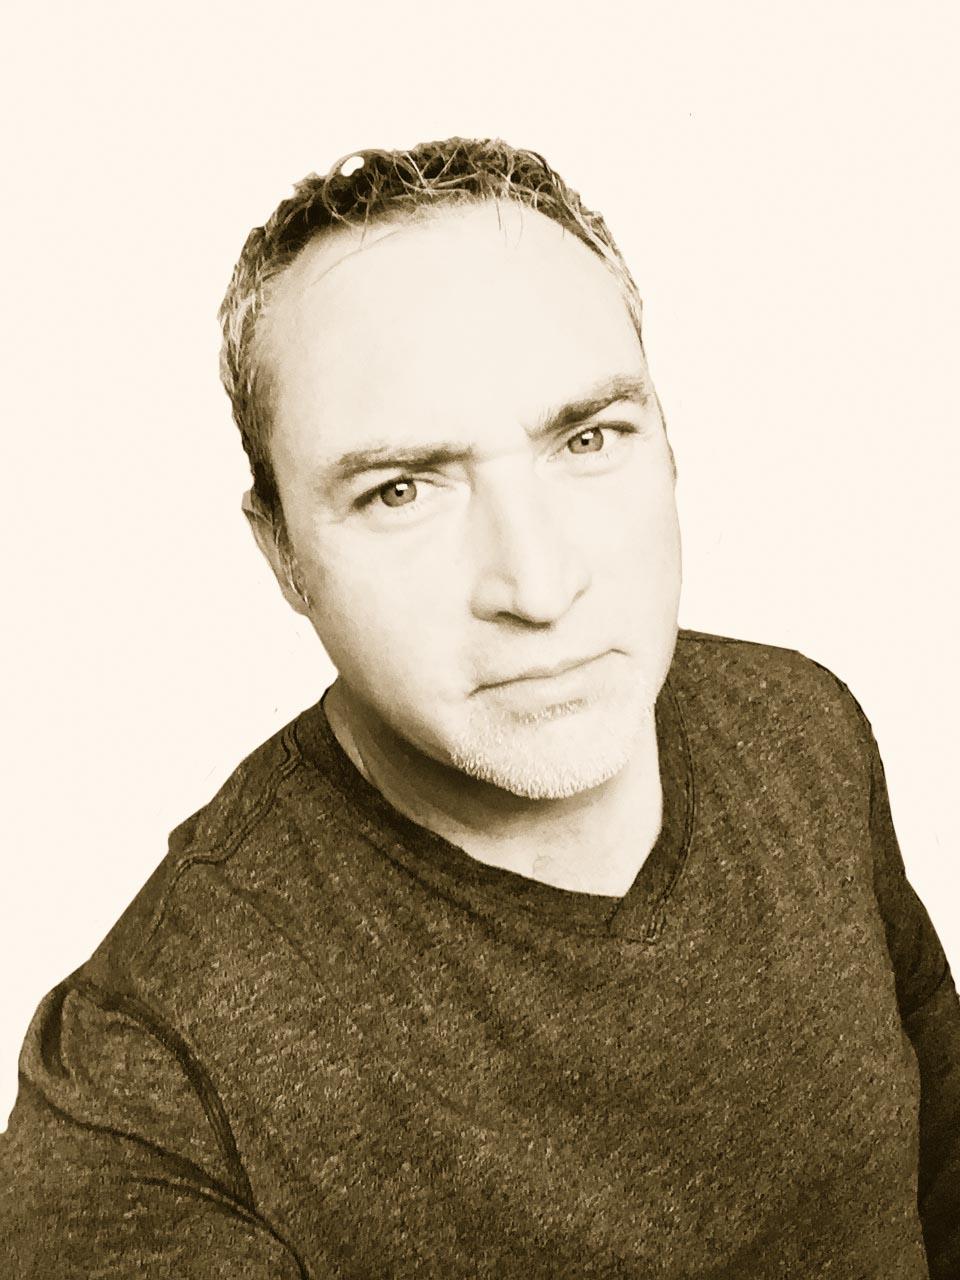 picture of Craig orange.jpg